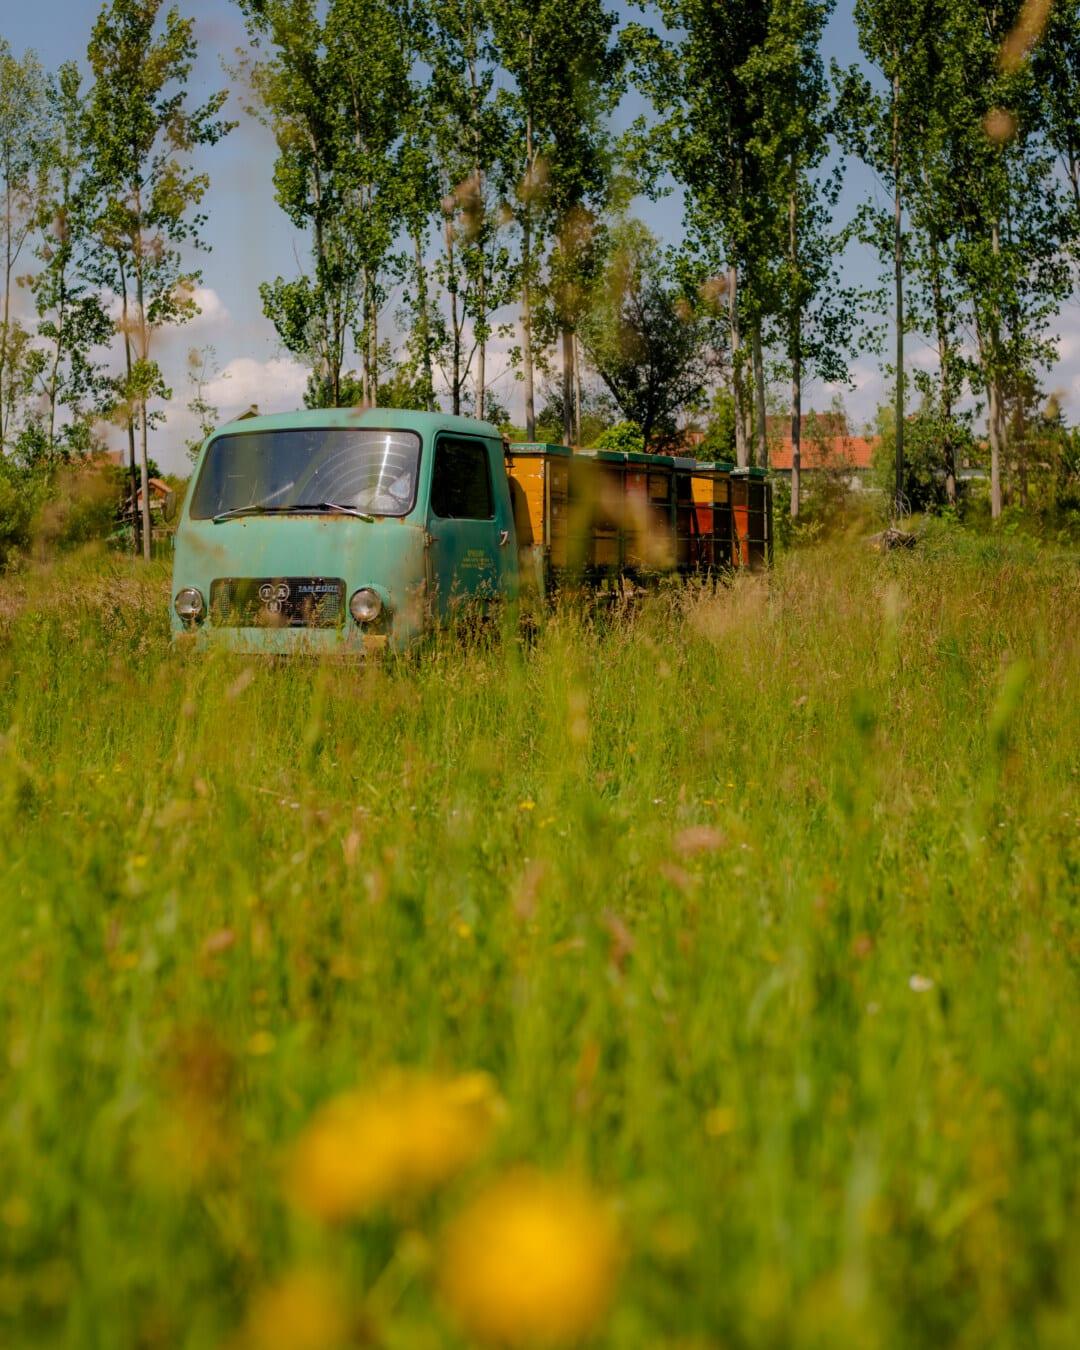 camion, style ancien, ruche, transport, herbeux, rural, véhicule, paysage, herbe, été